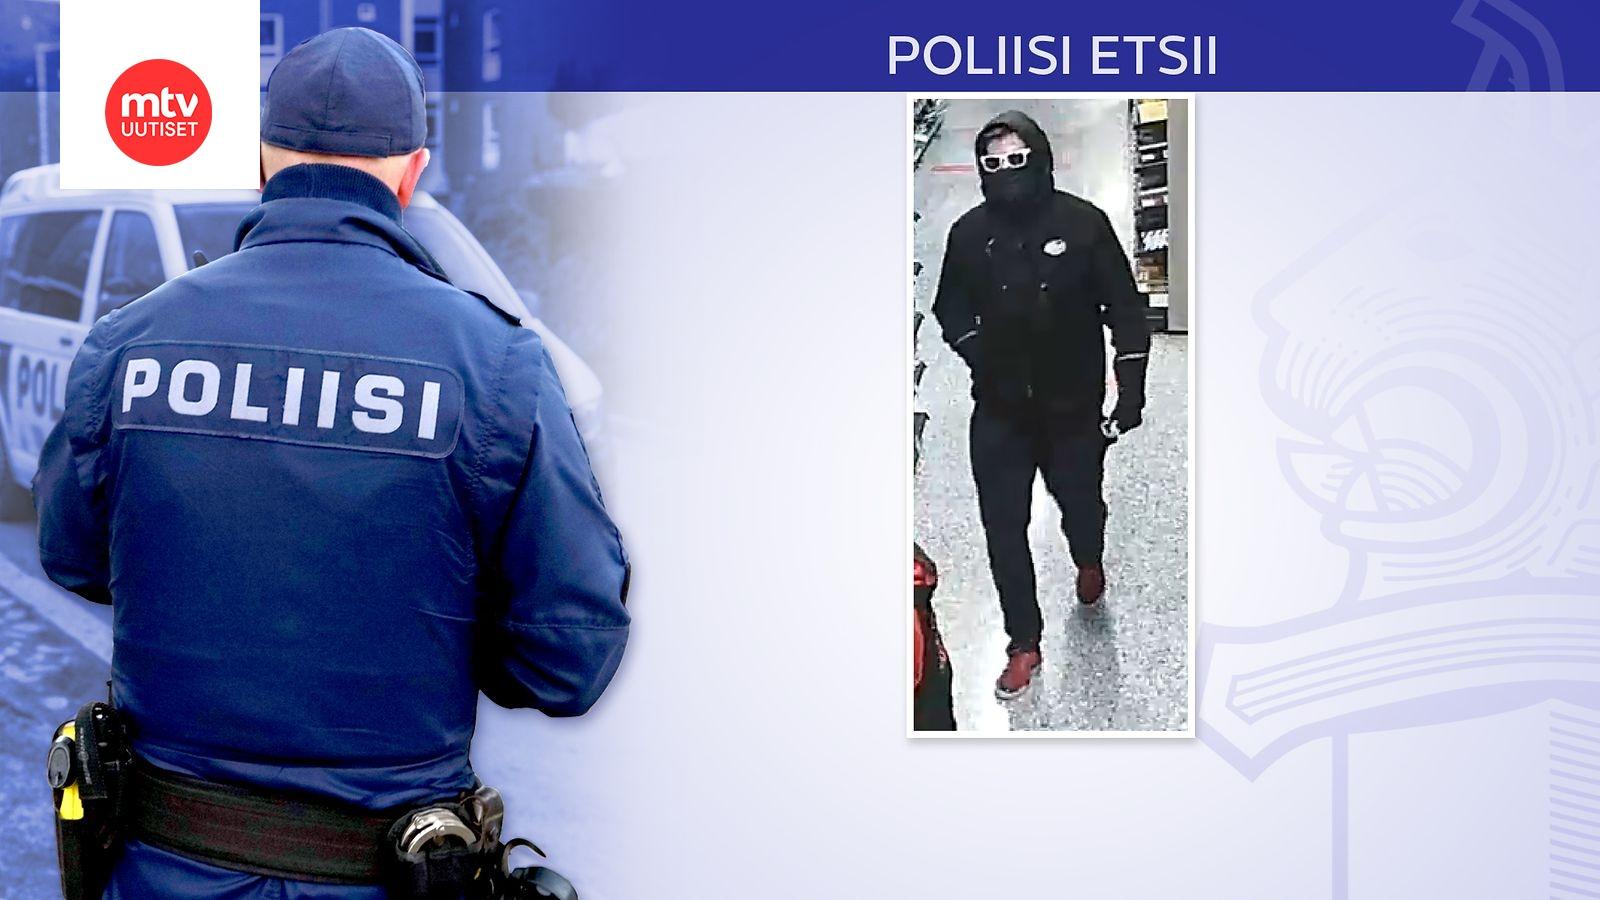 Espoon Poliisilaitos